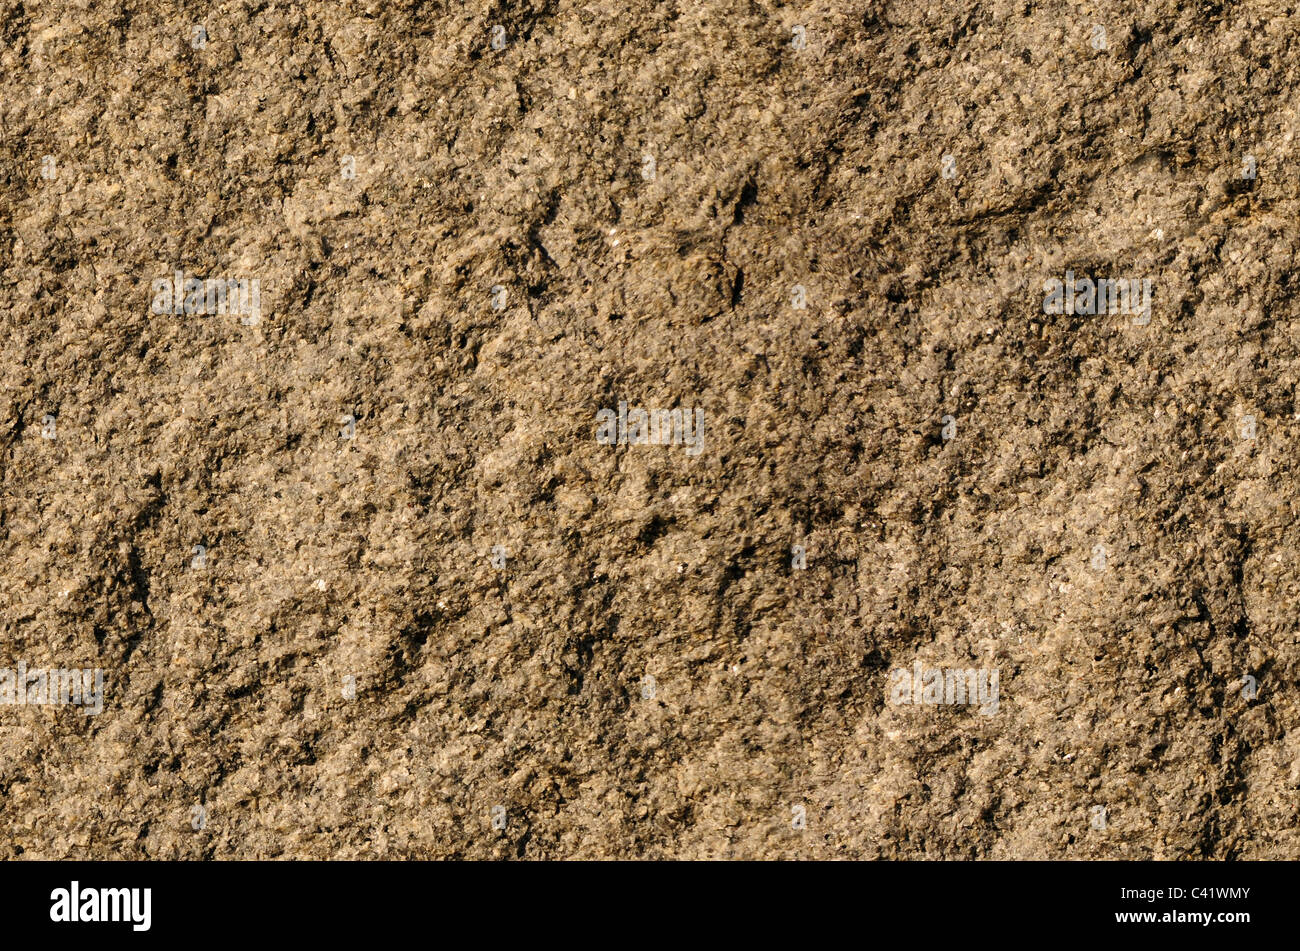 Gris texturé rock surface texture background Photo Stock